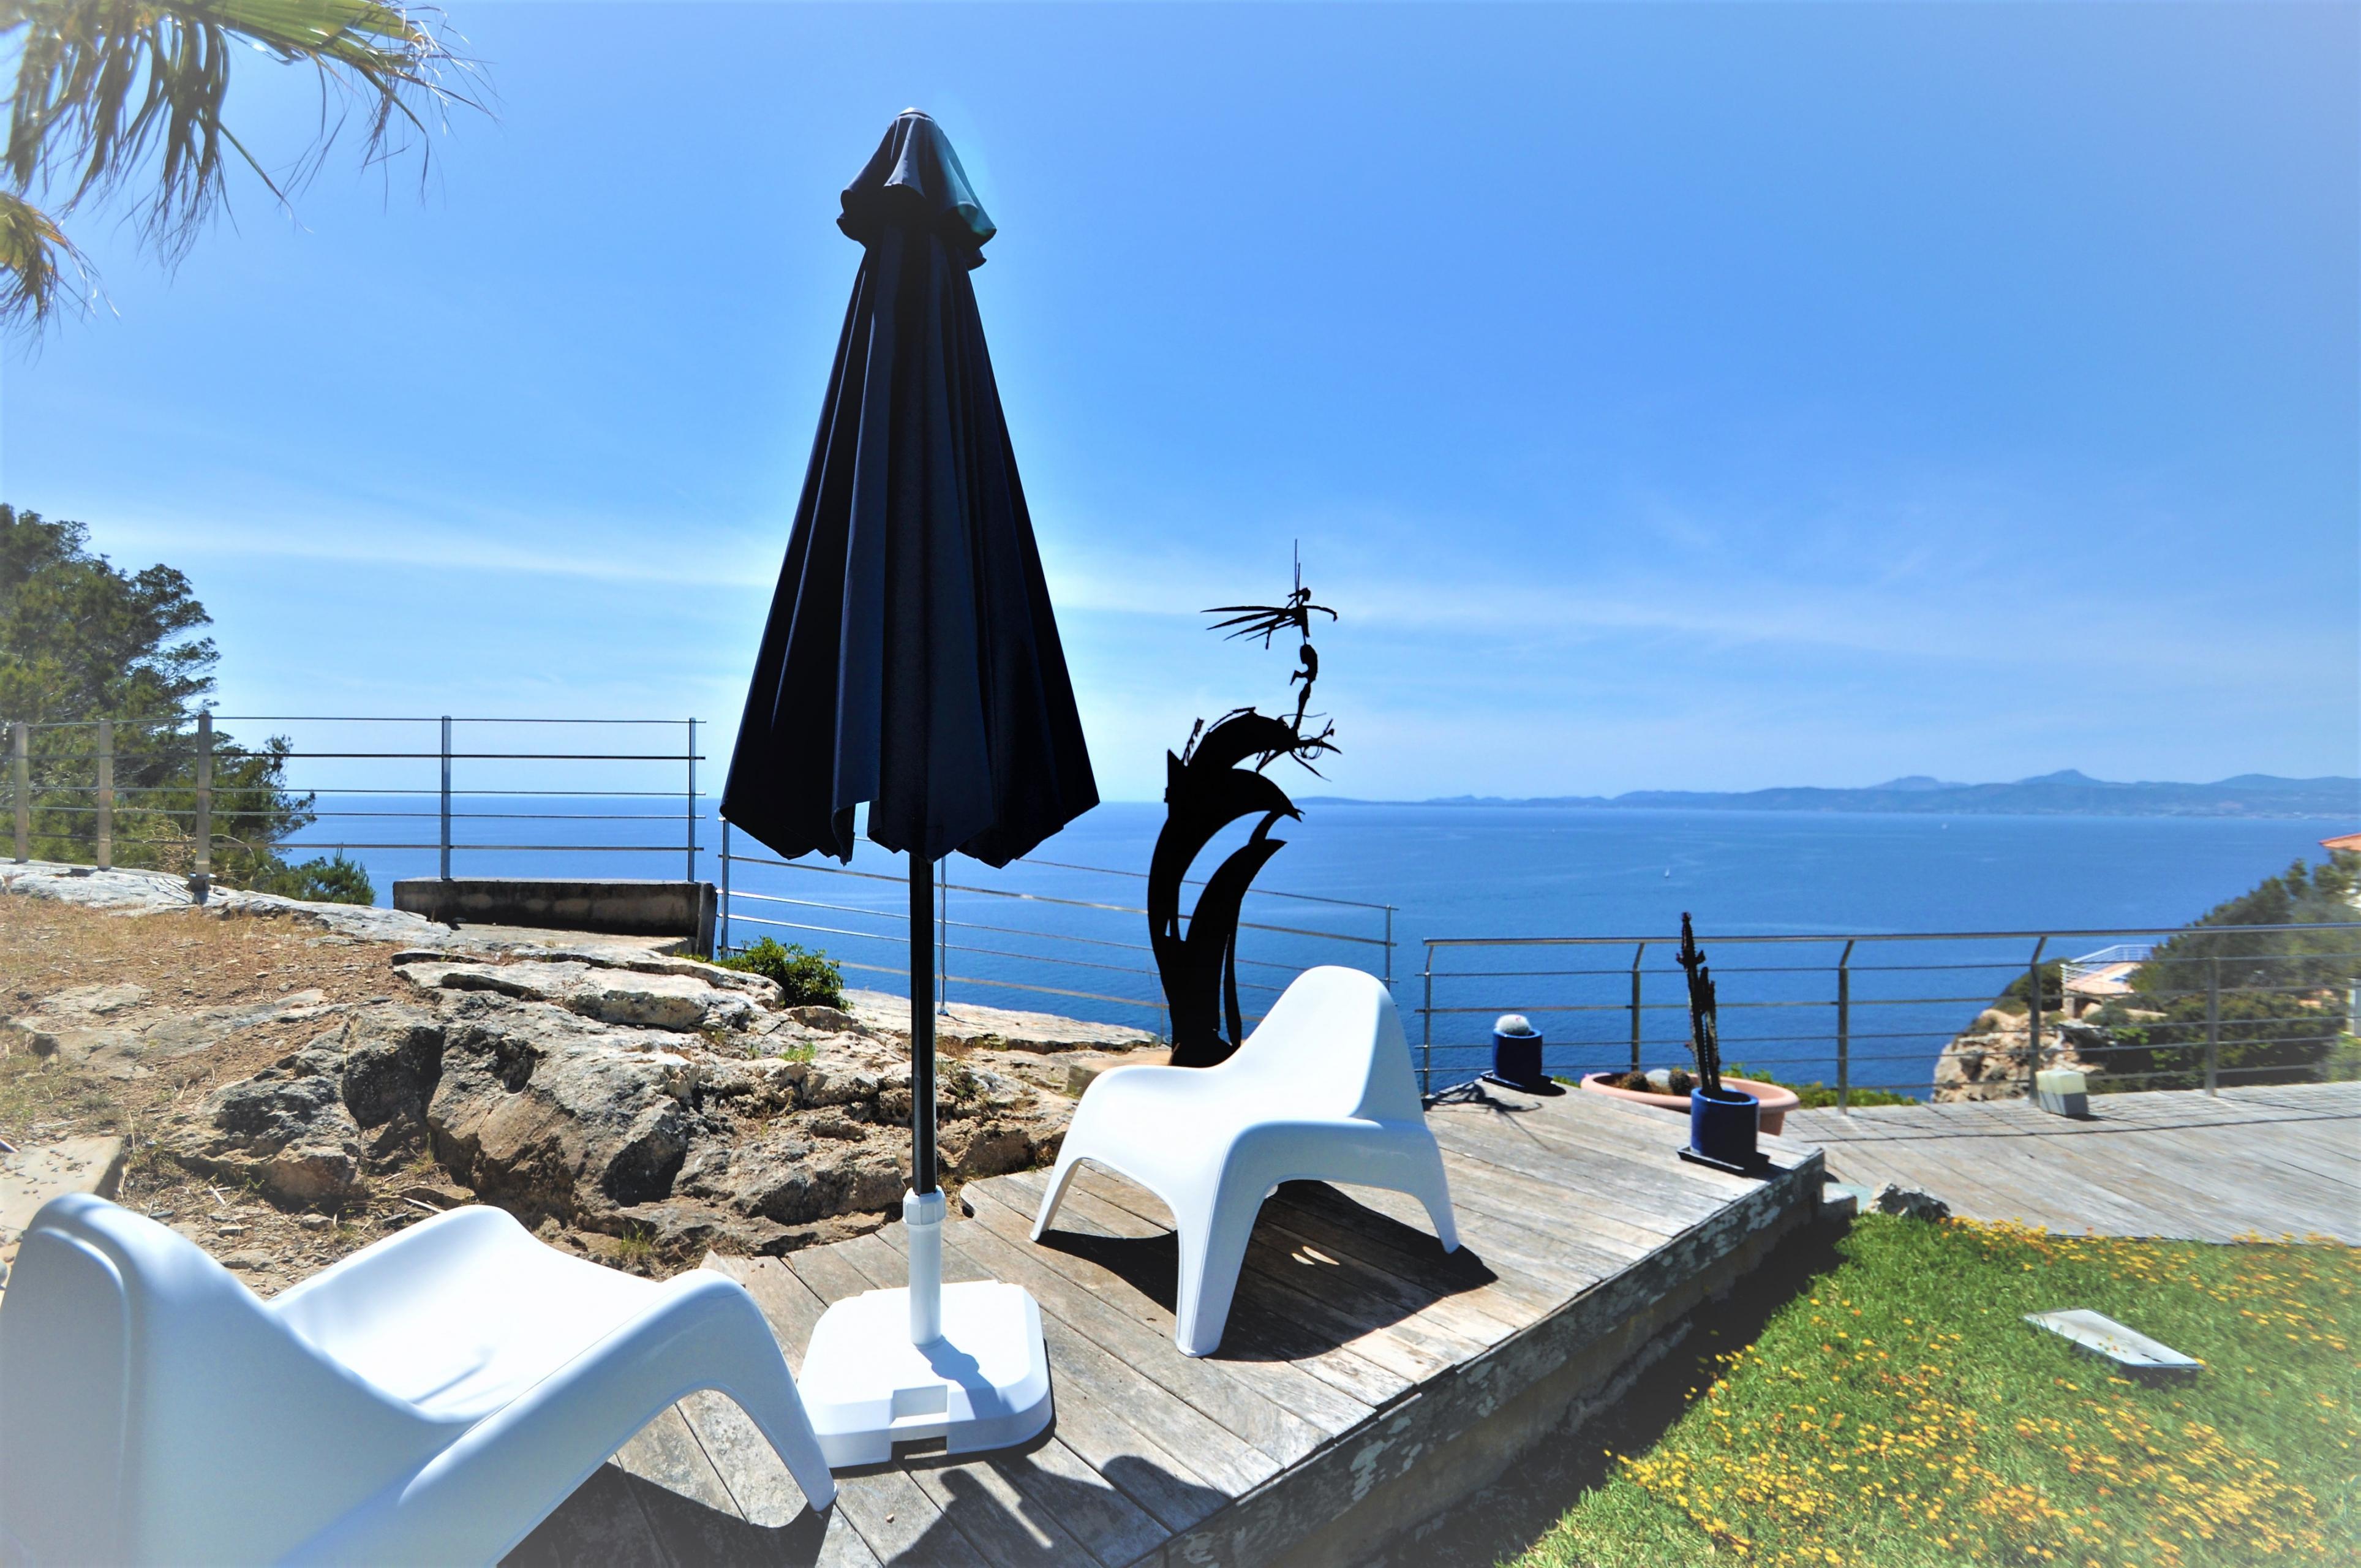 Maison de vacances VILLA BAY BLUE- Bahia Azul- Mallorca - VILLAONLINE - Kostenloses WLAN (2684052), Bahia Azul, Majorque, Iles Baléares, Espagne, image 2